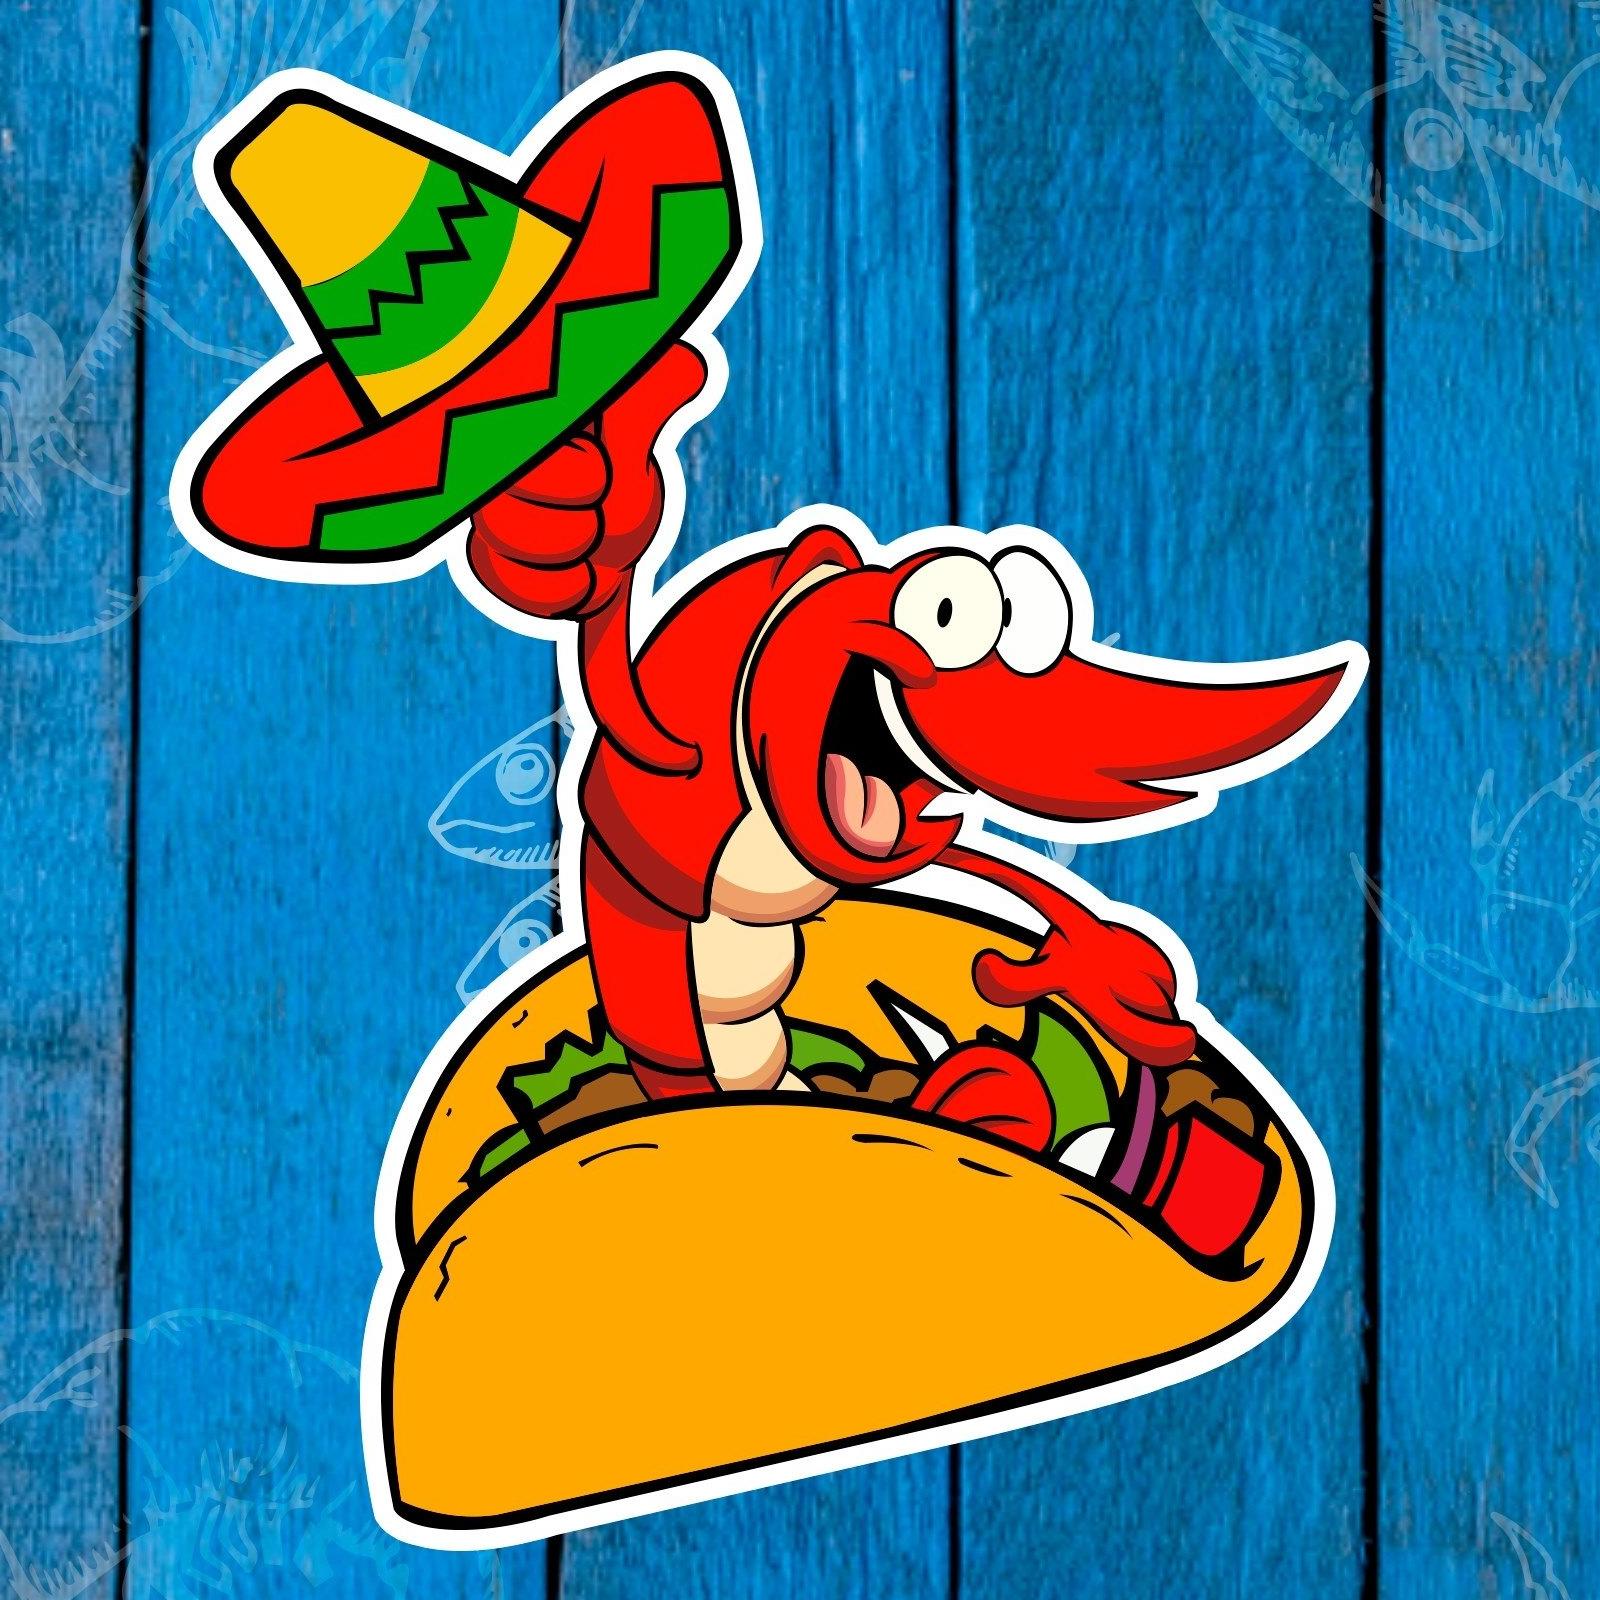 Tacos Y Mariscos Gio logo